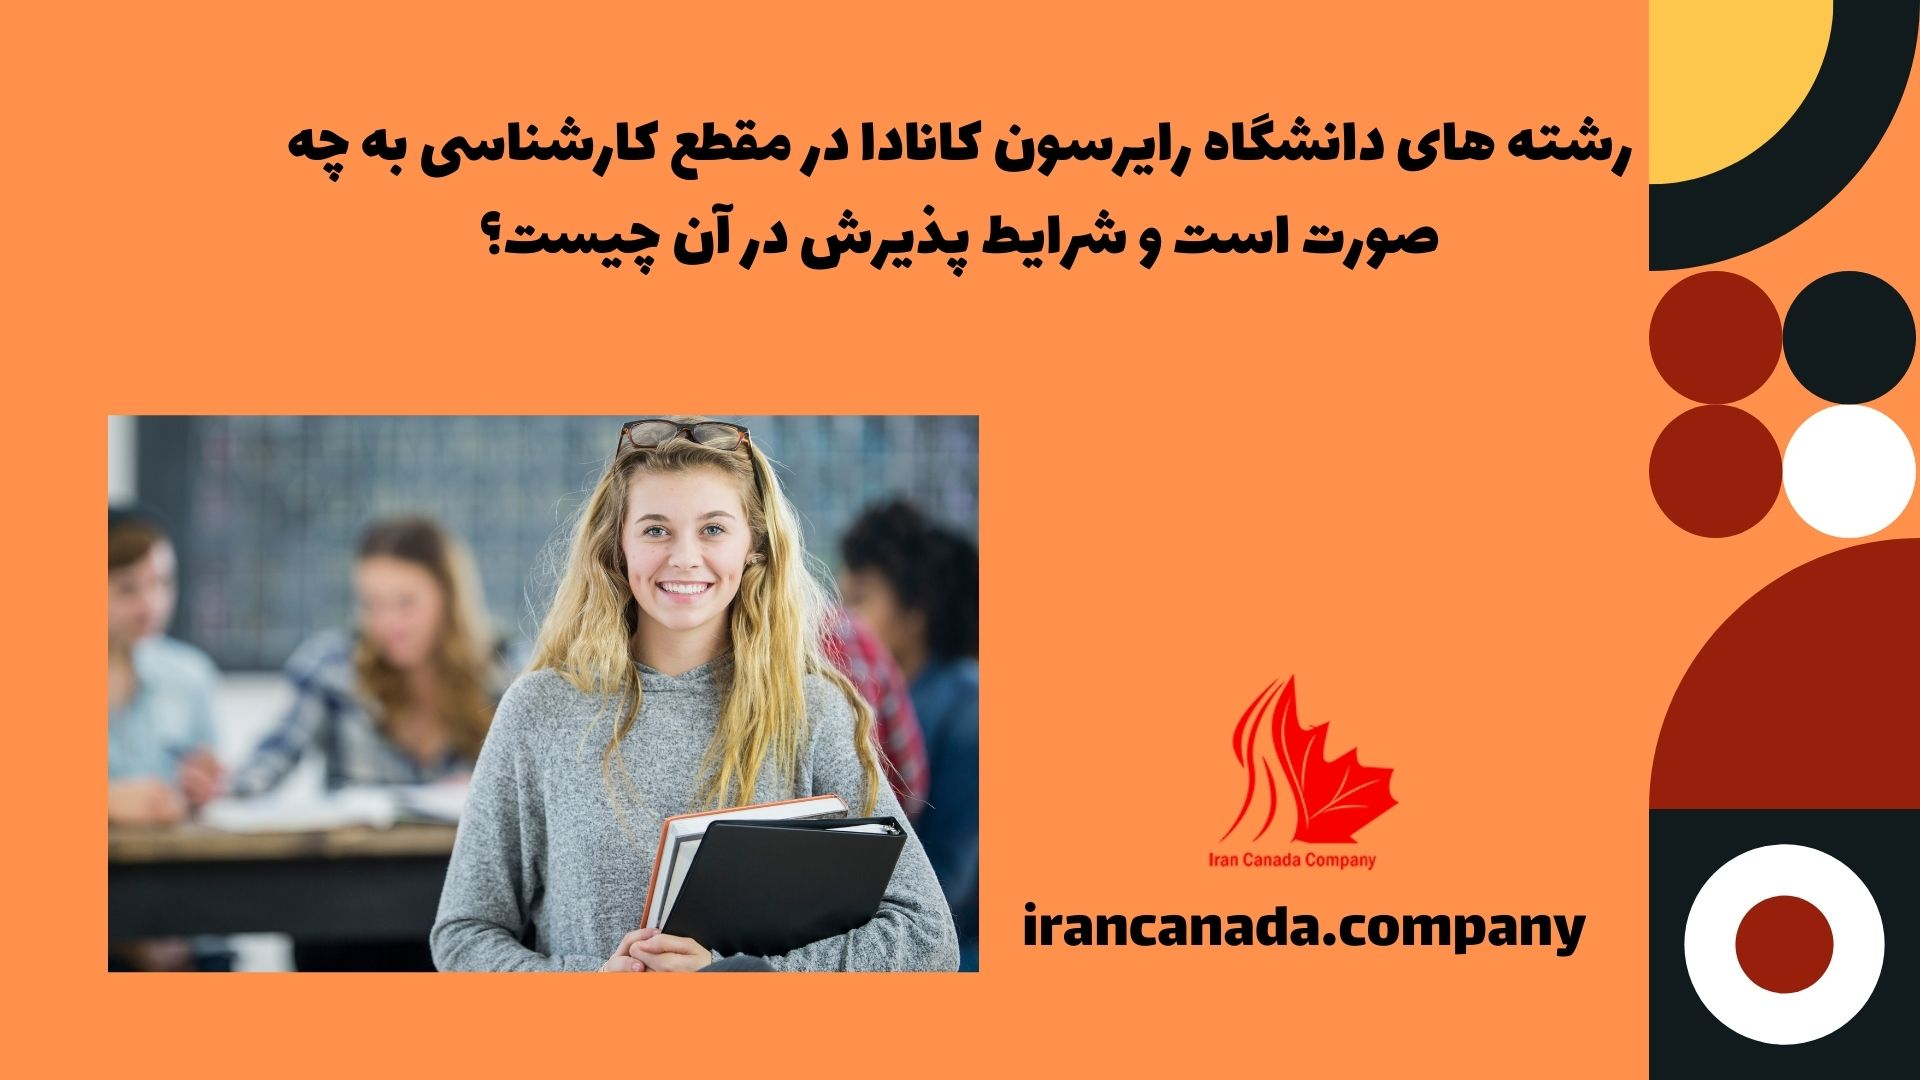 رشته های دانشگاه رایرسون کانادا در مقطع کارشناسی به چه صورت است و شرایط پذیرش در آن چیست؟